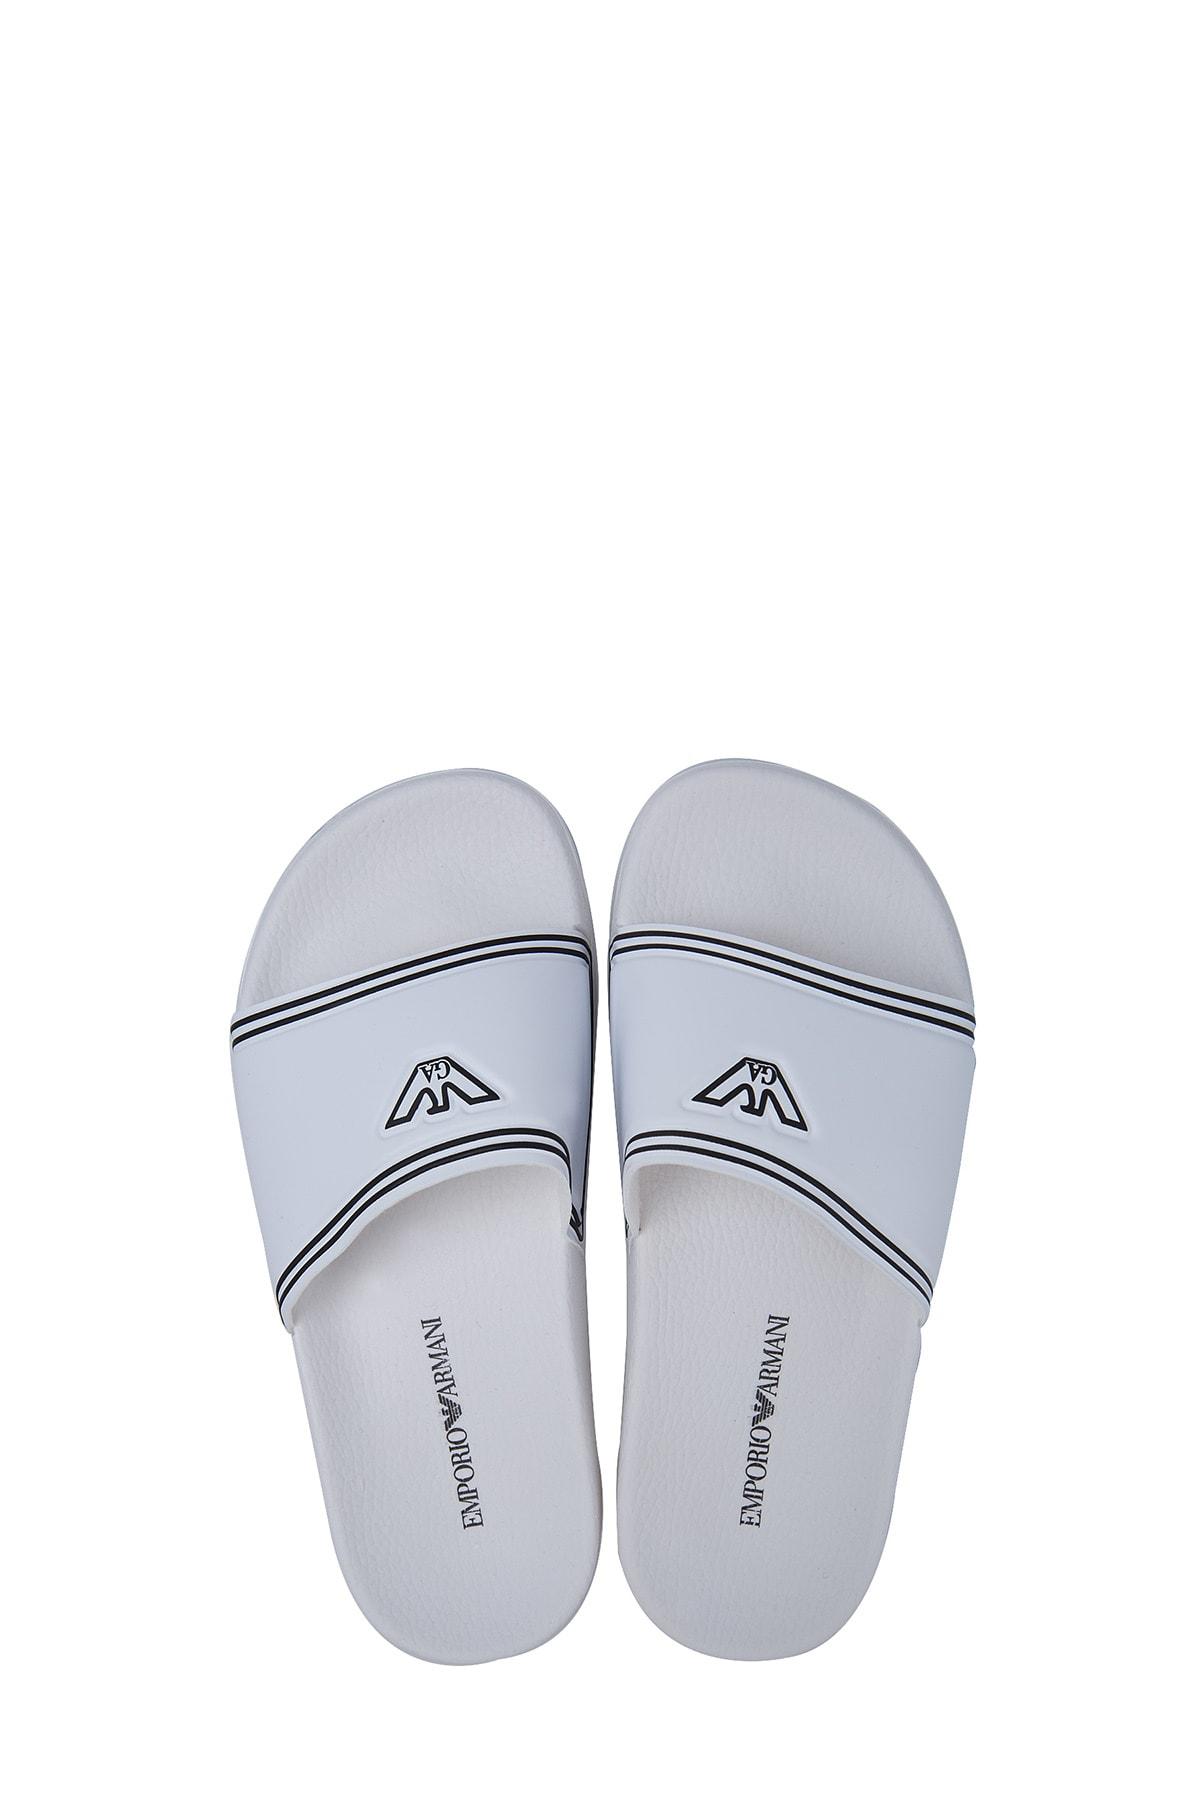 Emporio Armani Beyaz Kadın Terlik S X3P706 XD184 00230 2